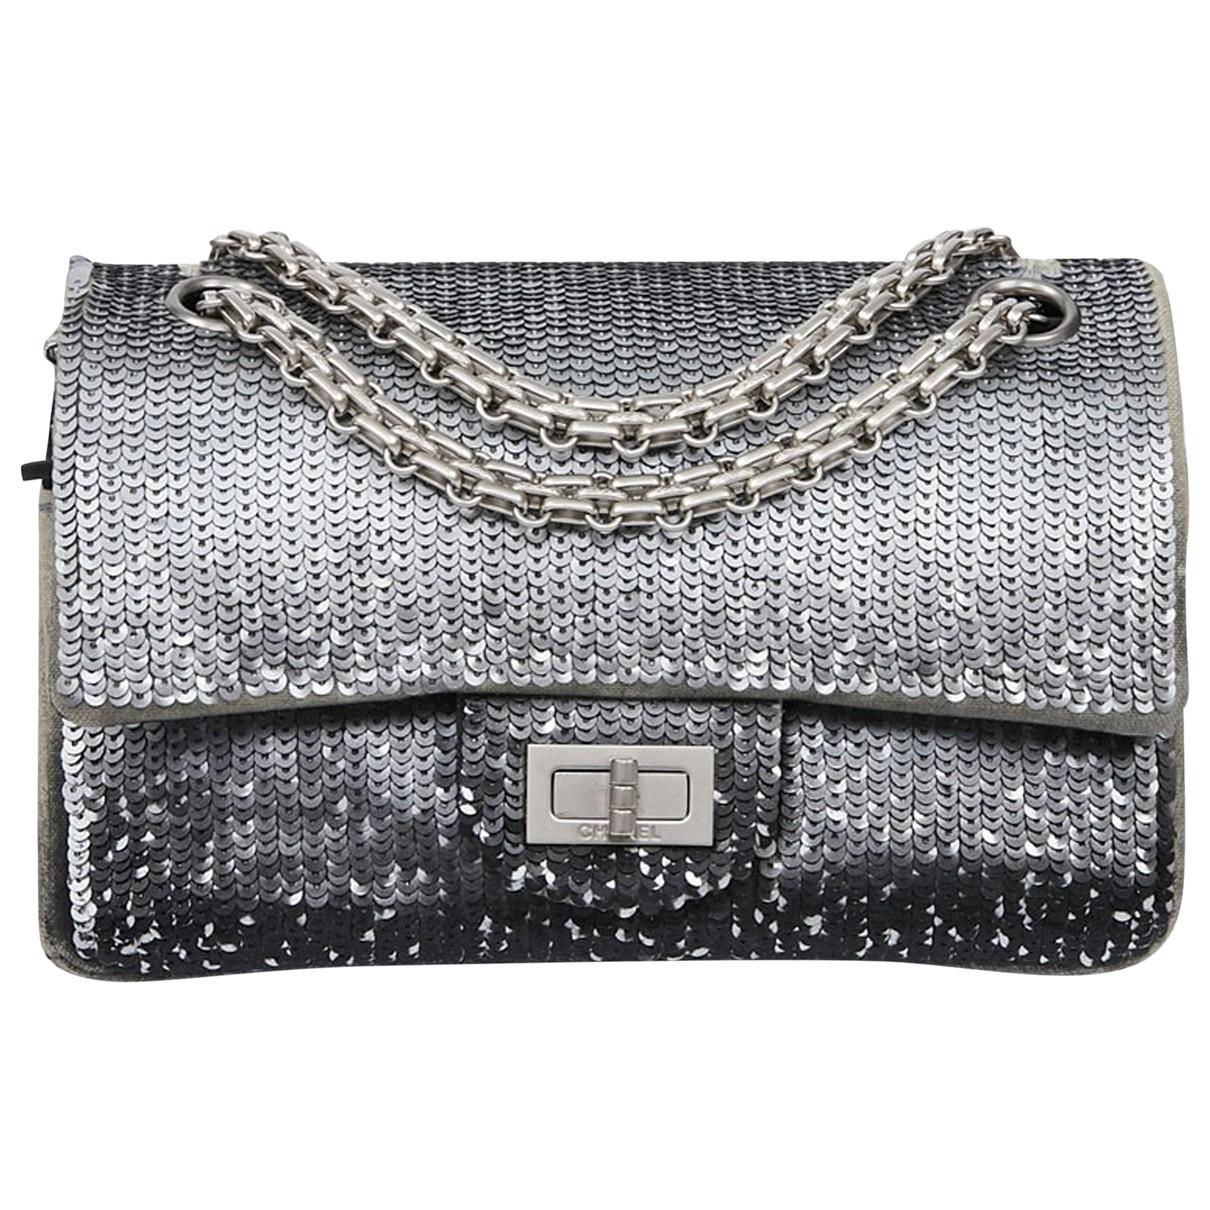 Chanel 2.55 Handtasche in  Silber Mit Pailletten